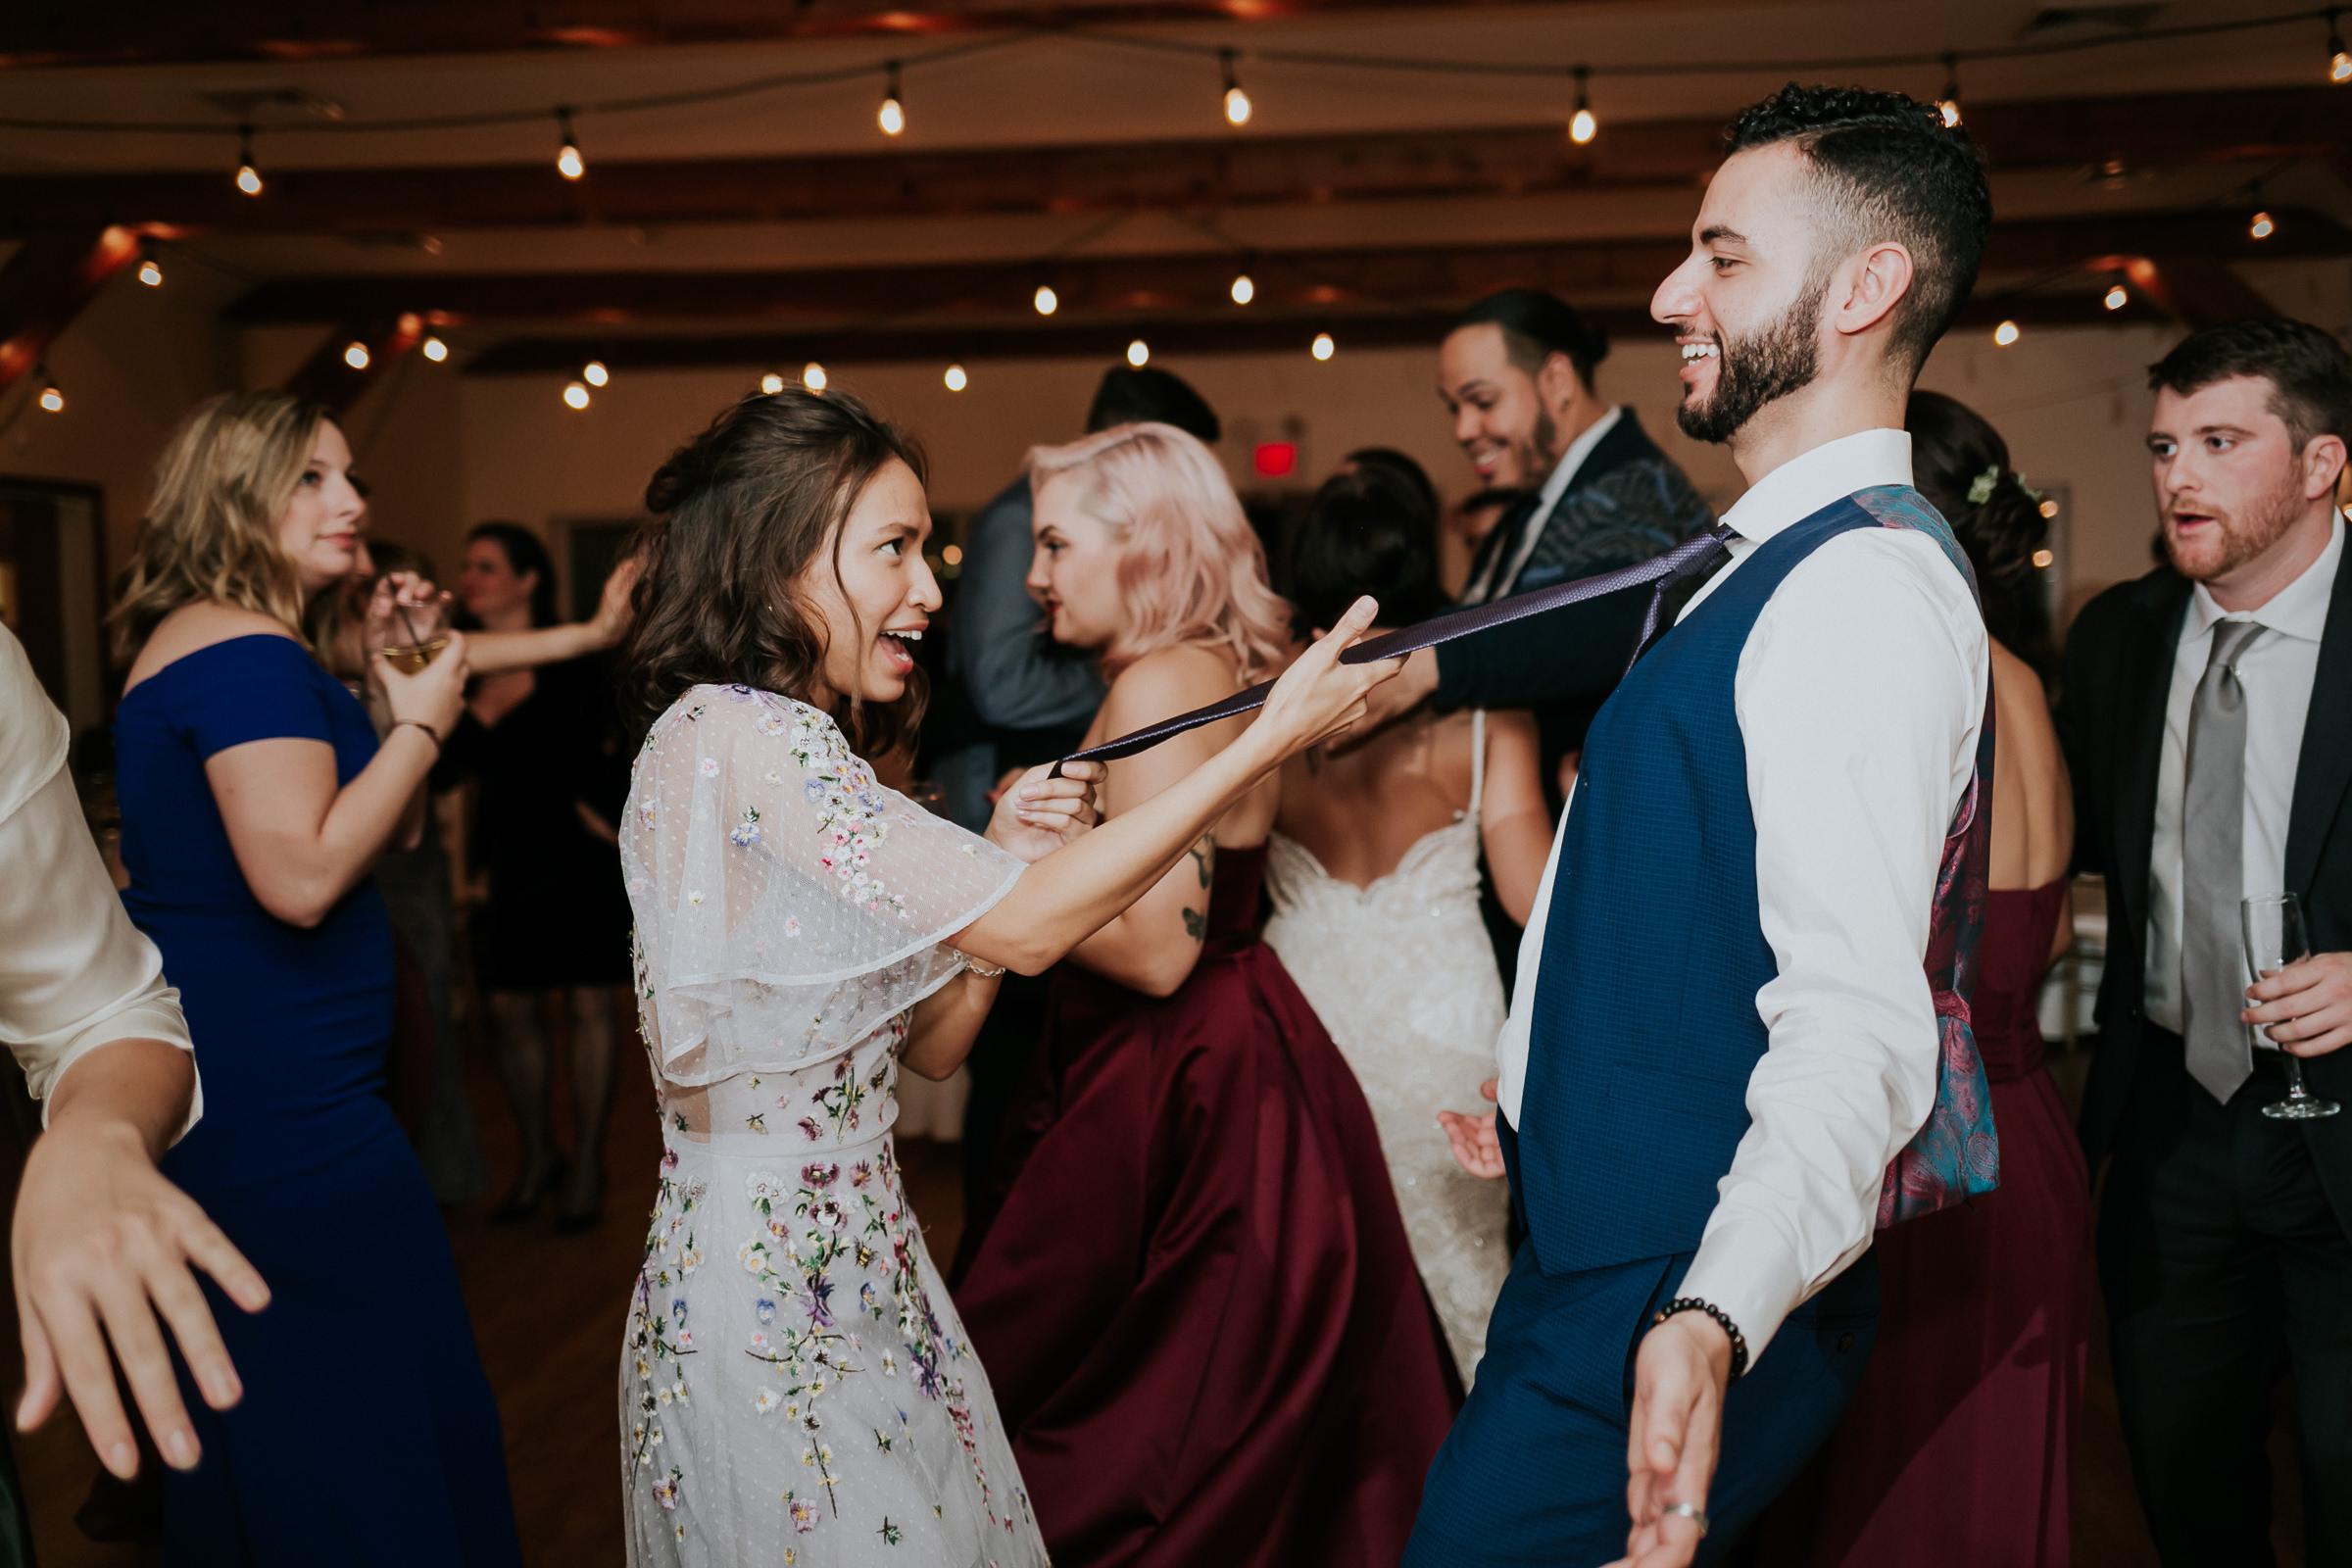 Arrow-Park-Monroe-NY-Documentary-Wedding-Photographer-97.jpg